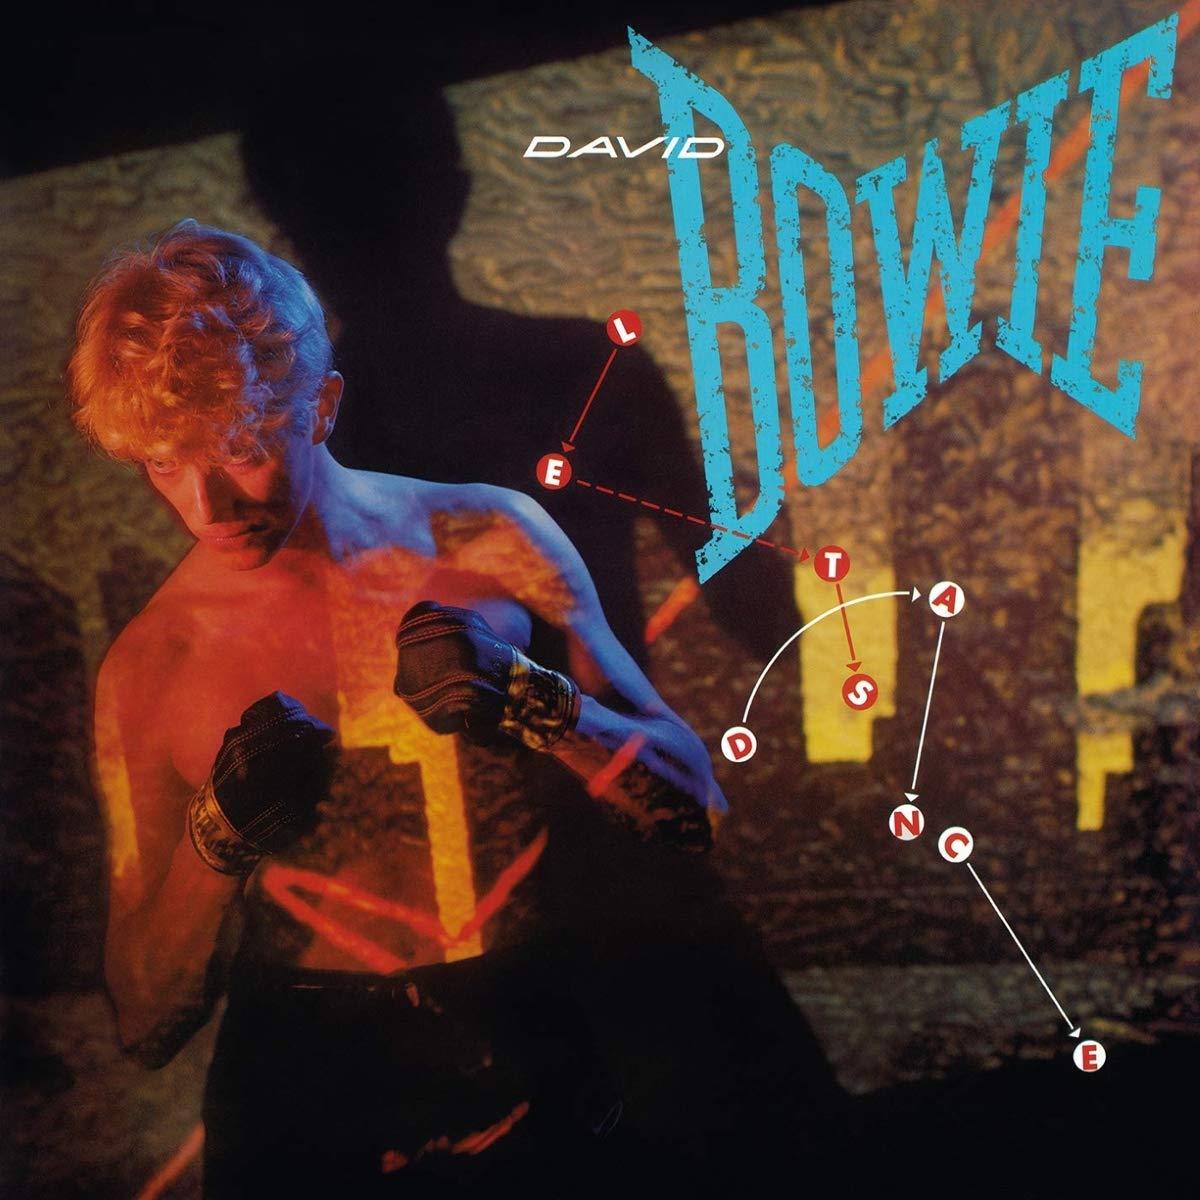 Vinilo : David Bowie - Let's Dance (2018 Remastered Version) (Remastered)